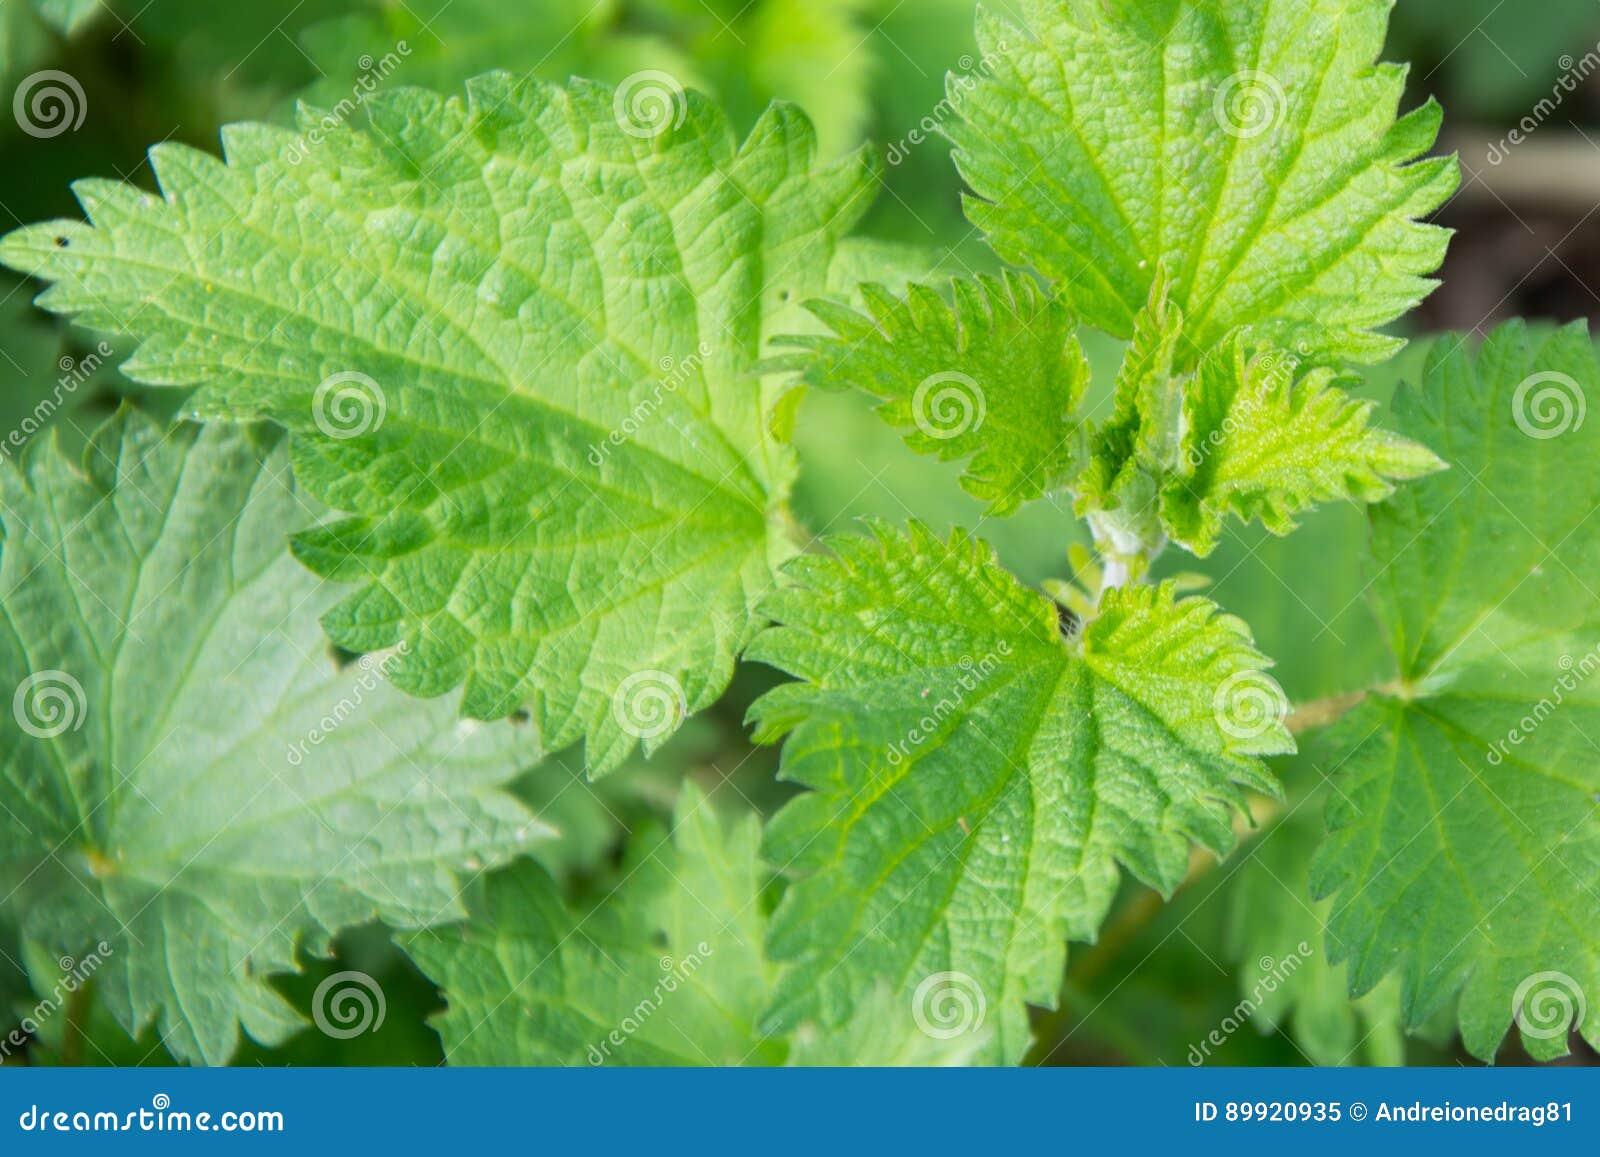 Einzigartig Grüne Pflanzen Beste Wahl Pattern Natürliche Medizinische Grüne Wild Wachsende Pflanze